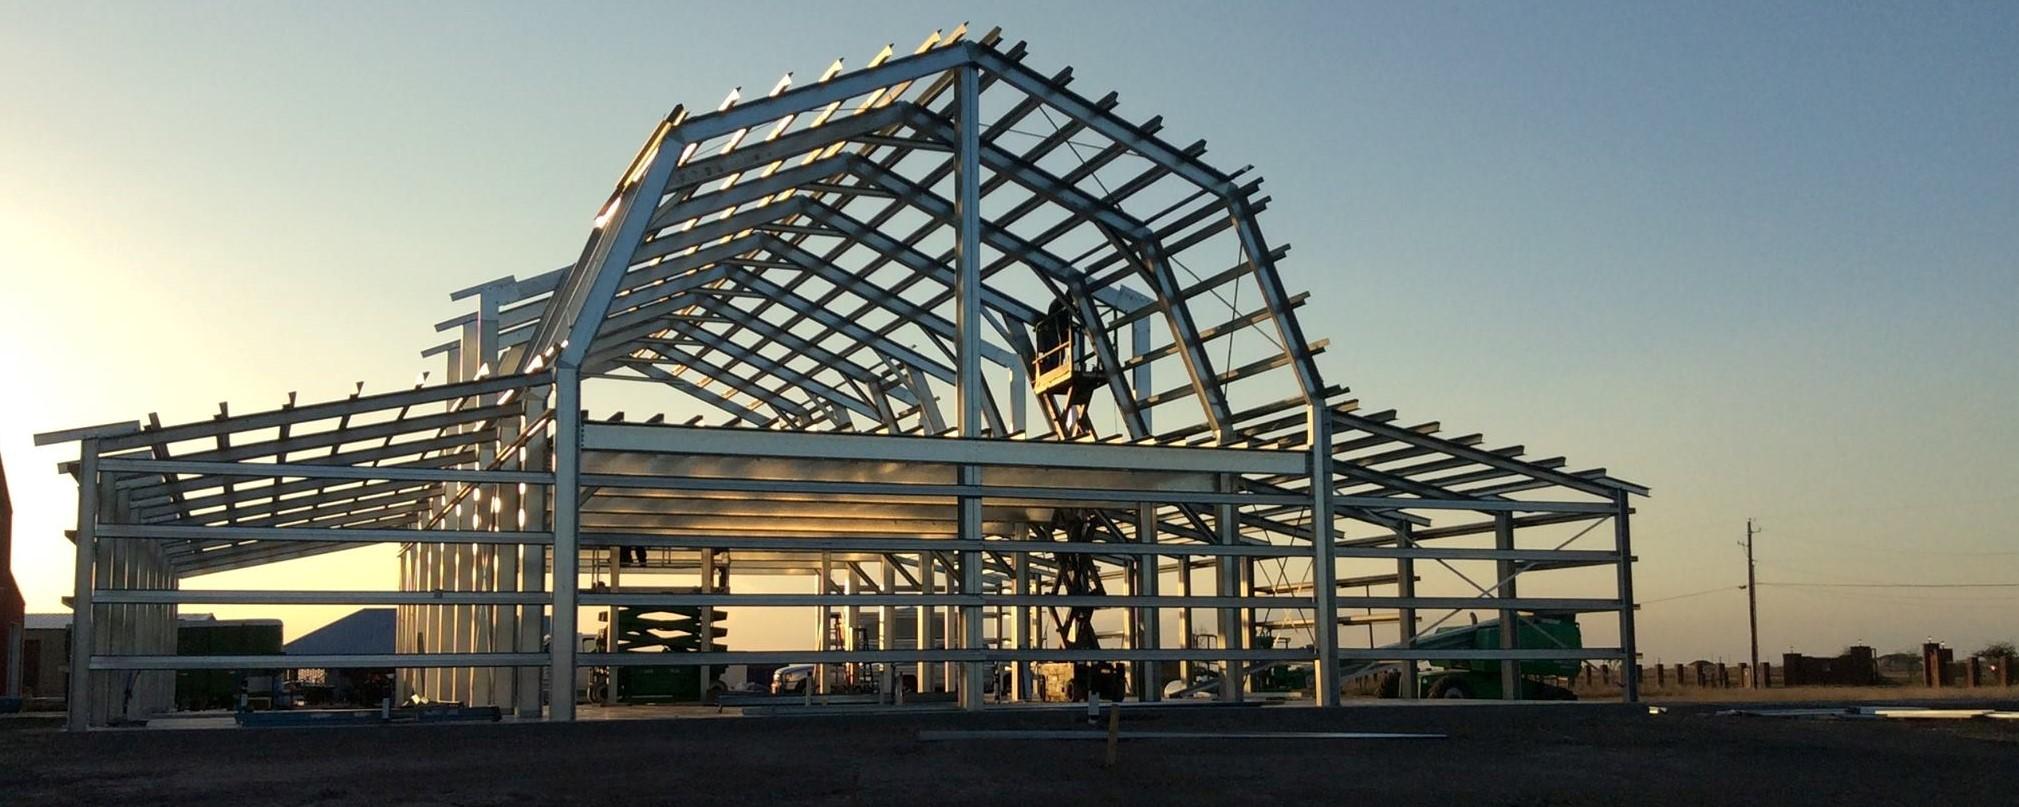 Steel Buildings - Kelseyville Lumber